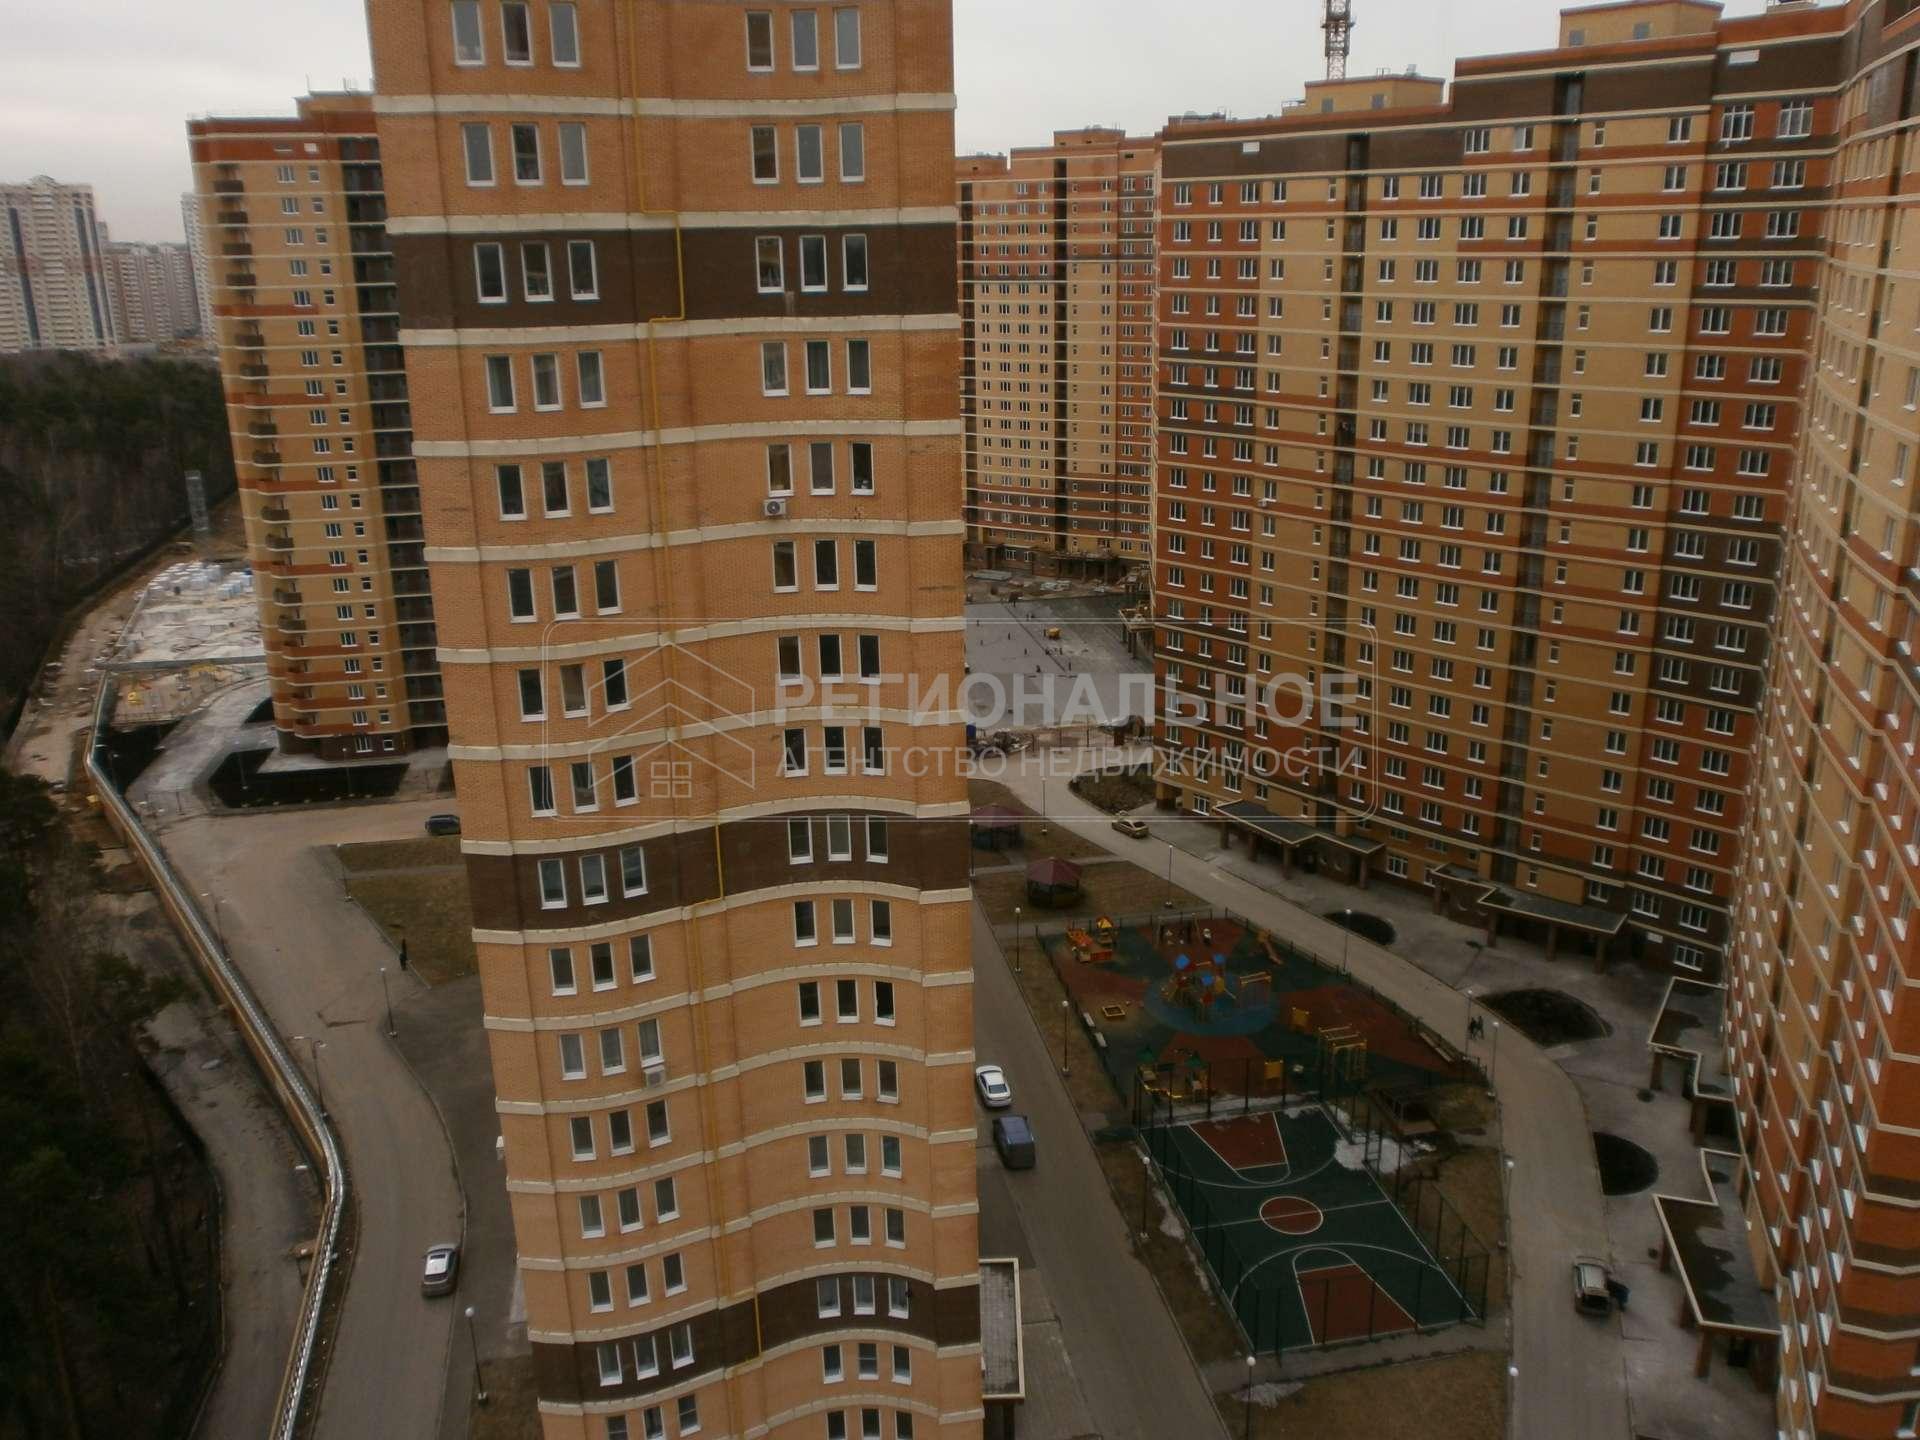 Балашихинские квартиры можно и купить и арендовать - решение за вами!